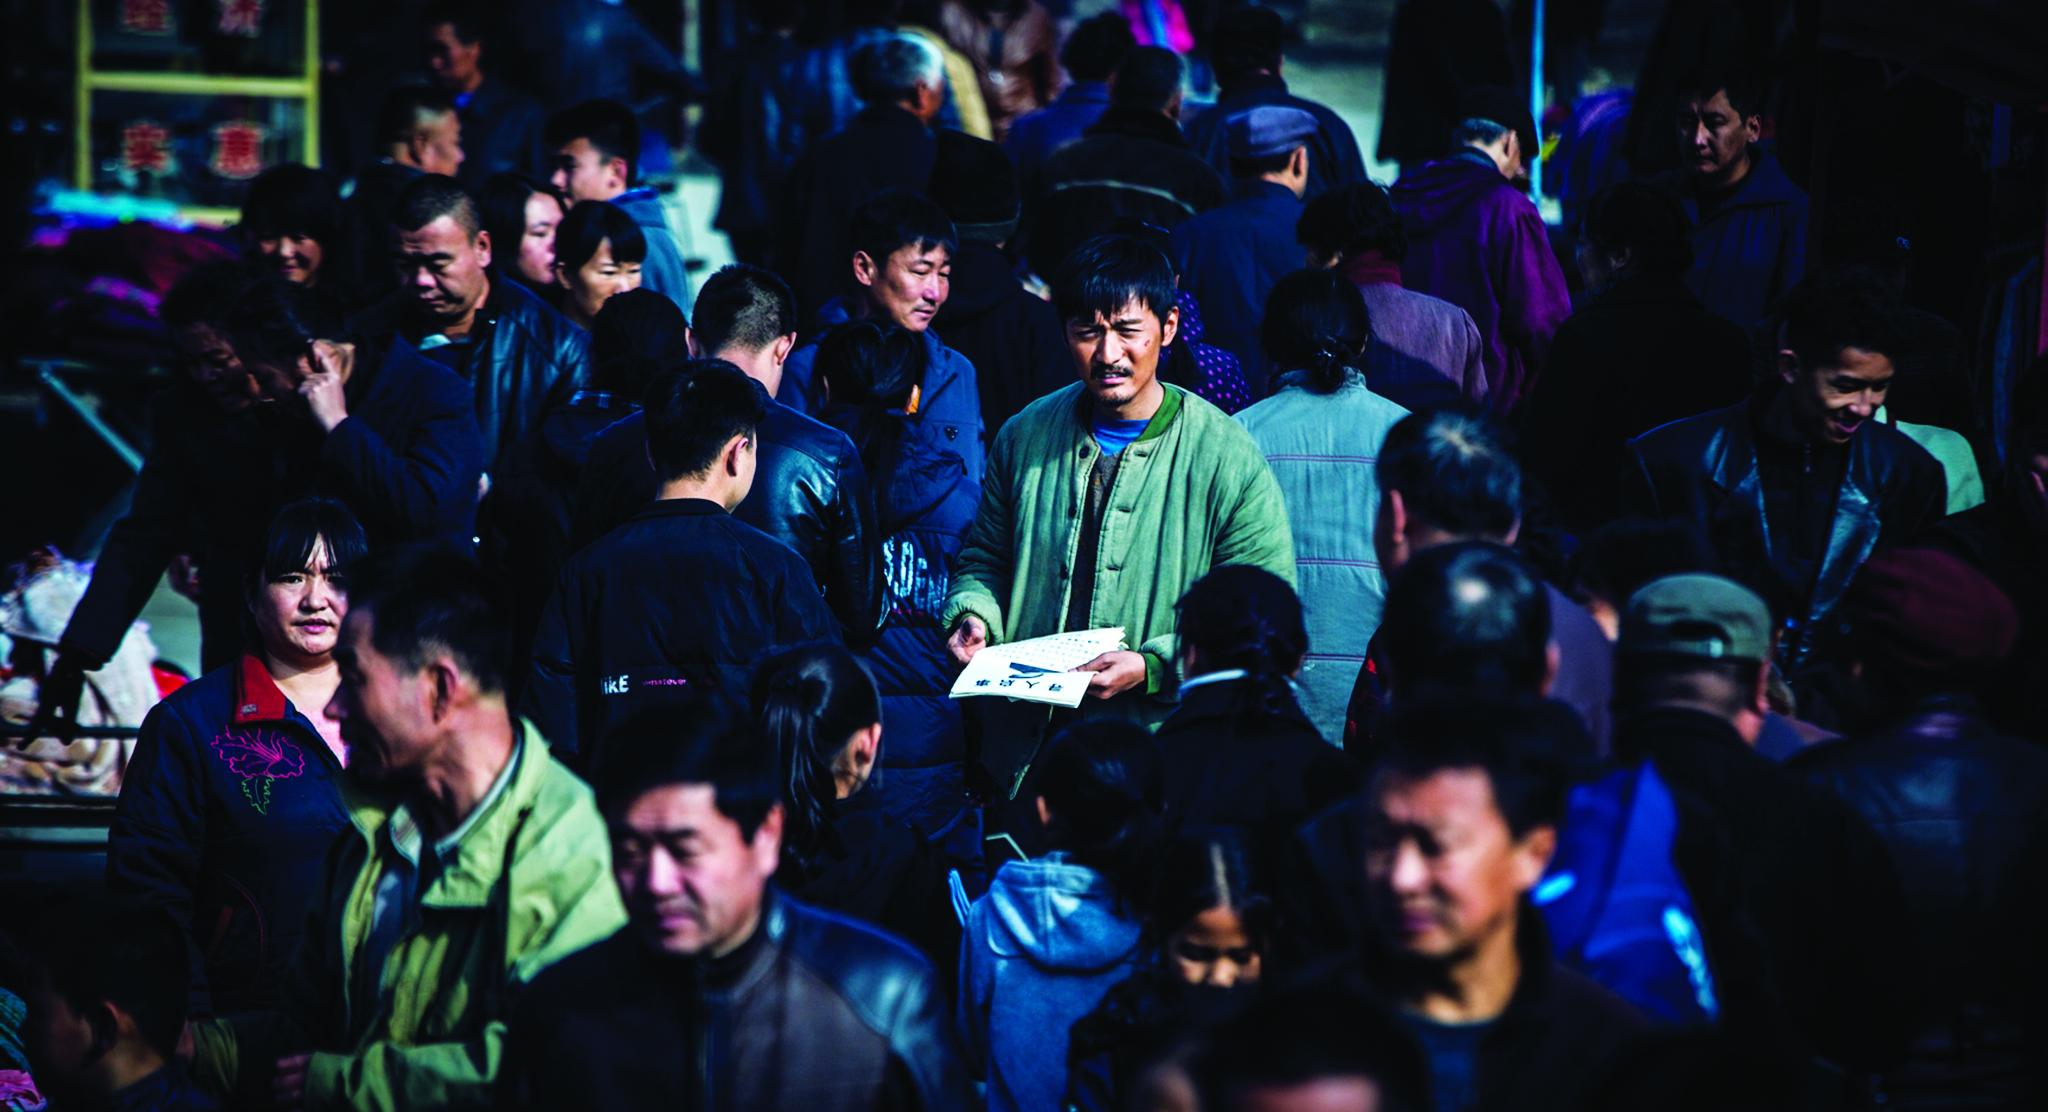 Cultura   Festival de artes sino-lusófono a partir de dia 30